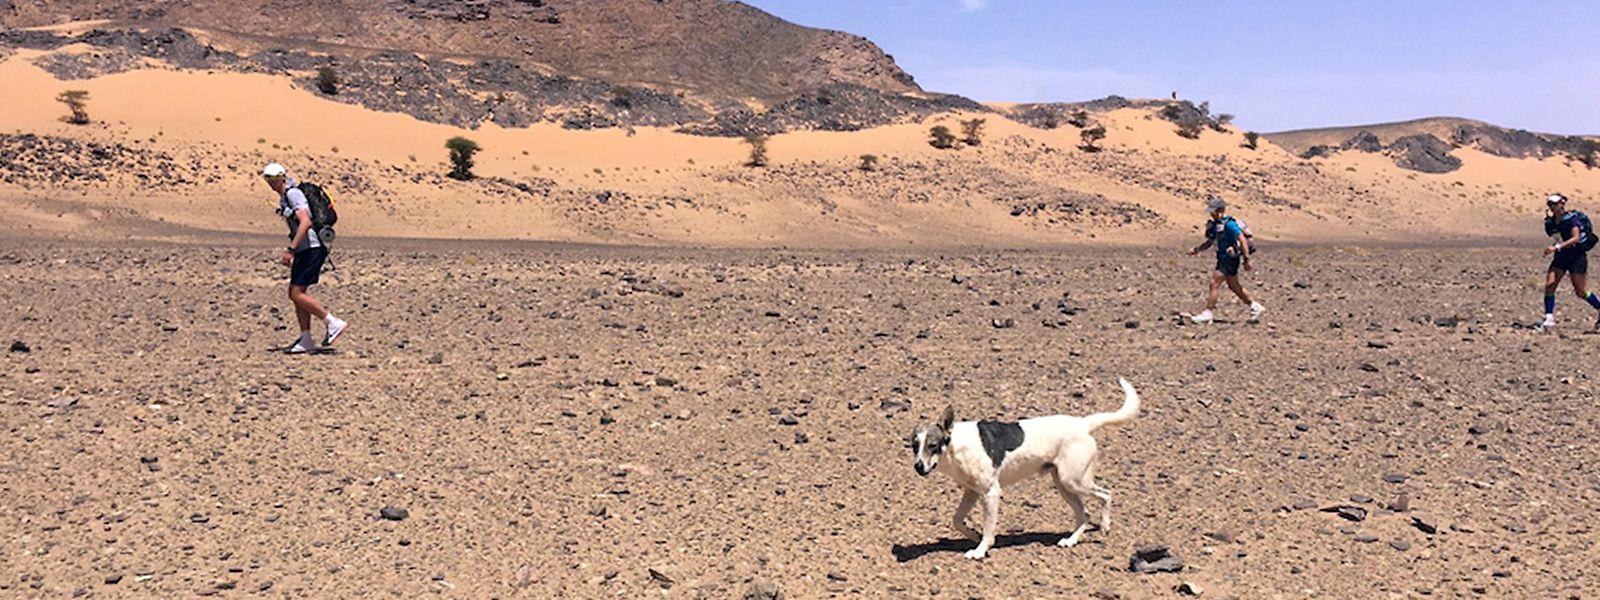 """Eine sportliche Leistung: Cactus läuft auf der zweiten Etappe des """"Marathon des Sables"""" mit den Teilnehmern durch die Sahara."""